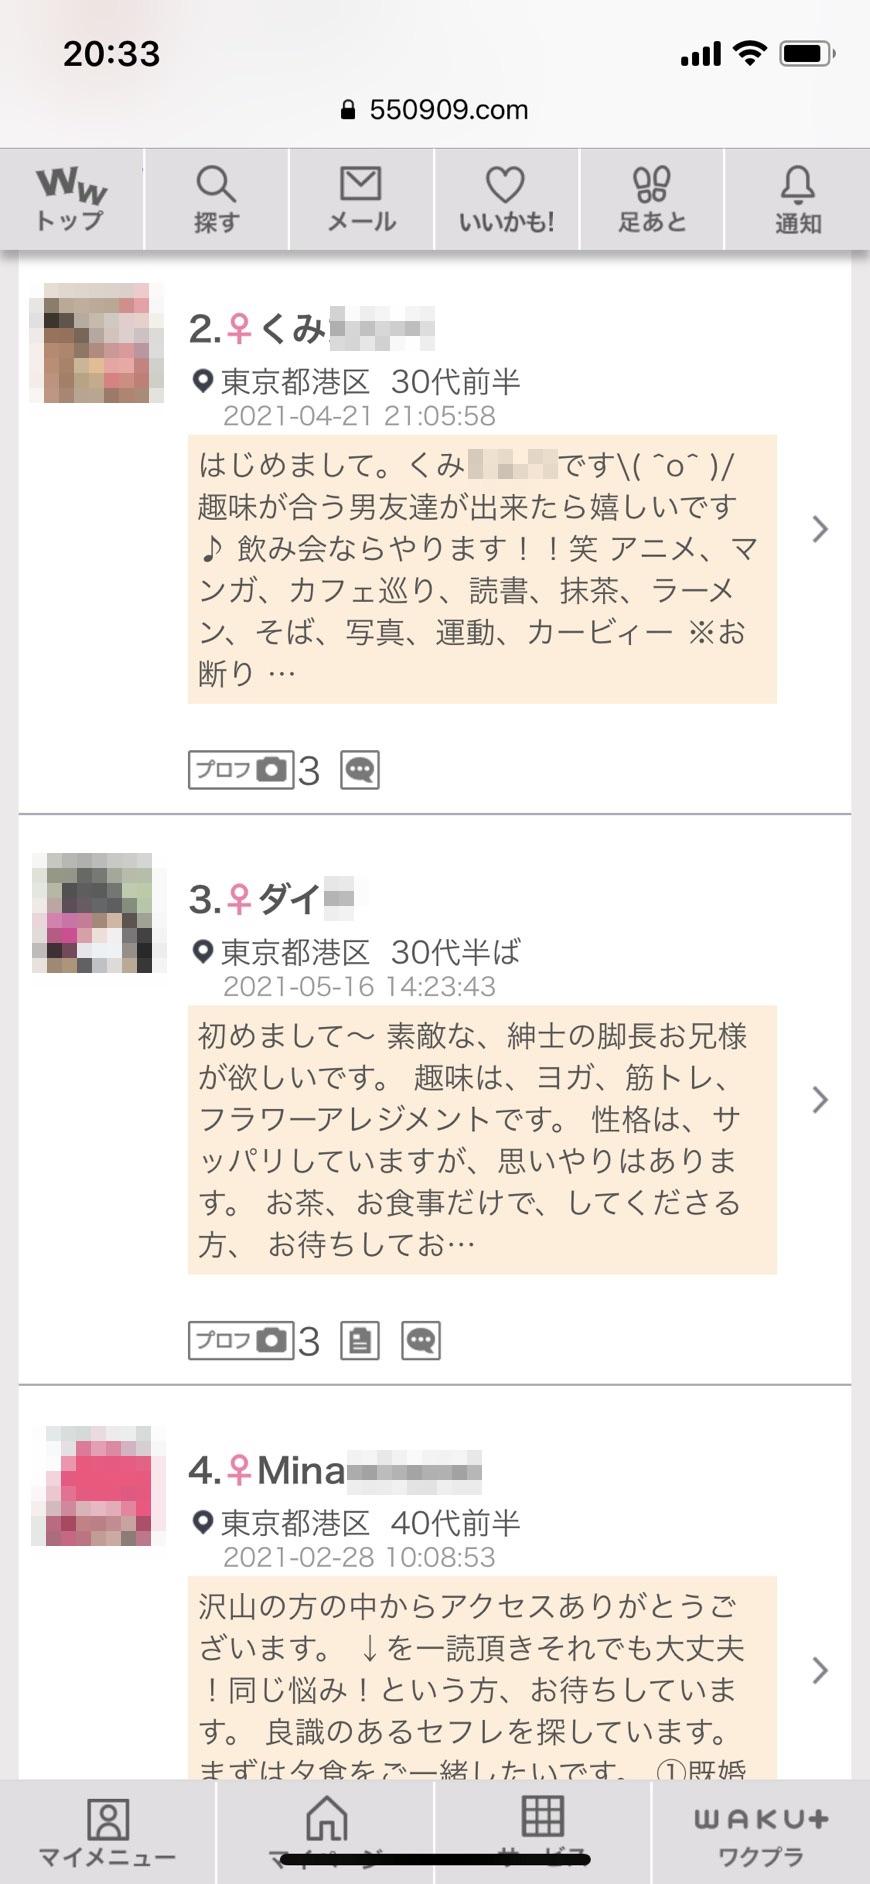 赤坂・出会い希望(ワクワクメール)